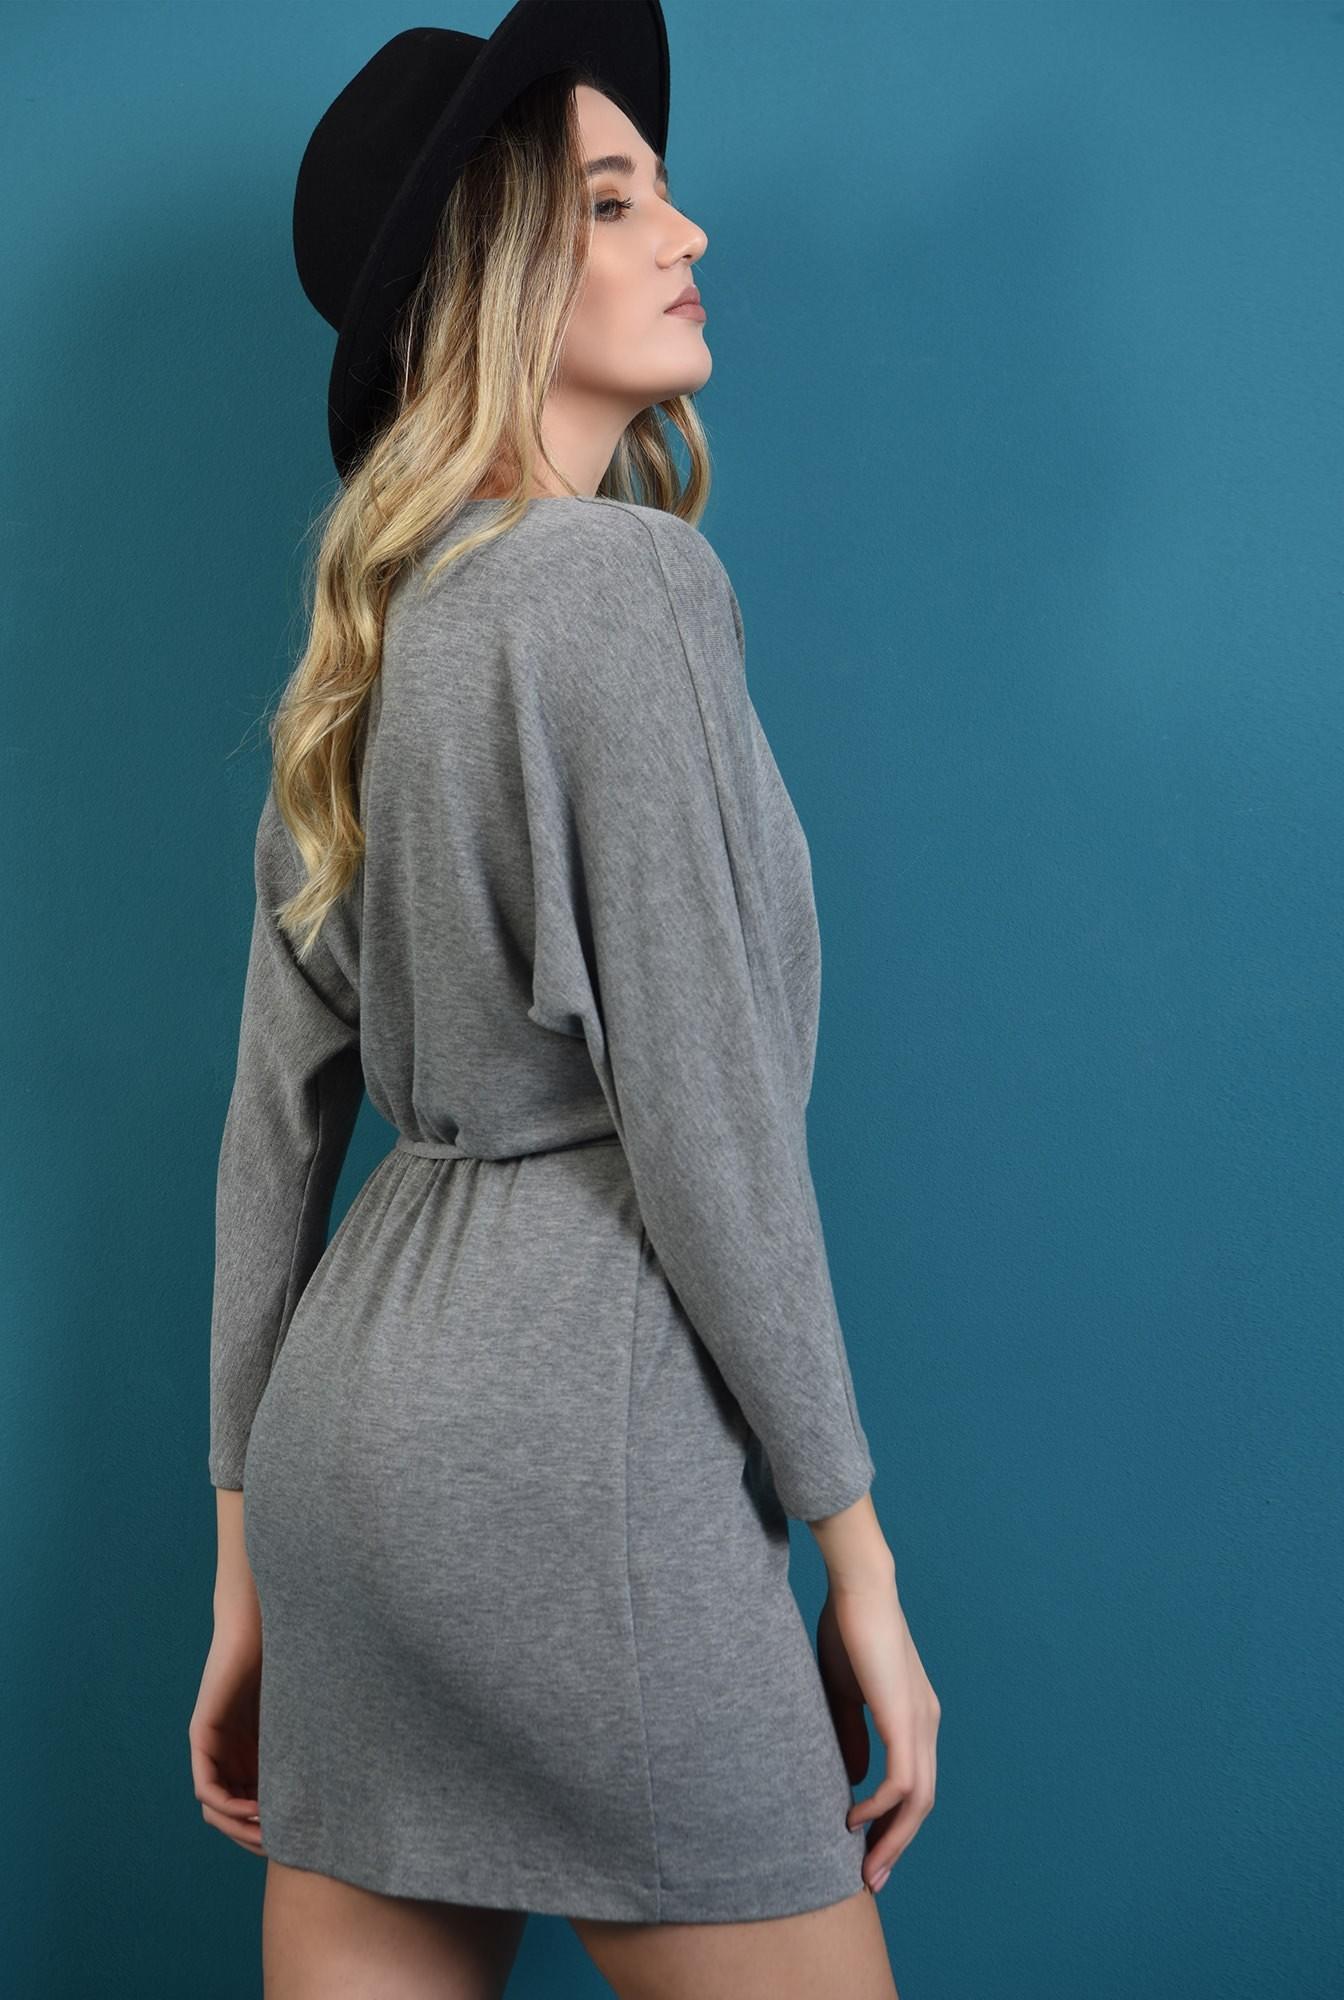 1 - 360 - rochie mini, tricotata, gri, Poema